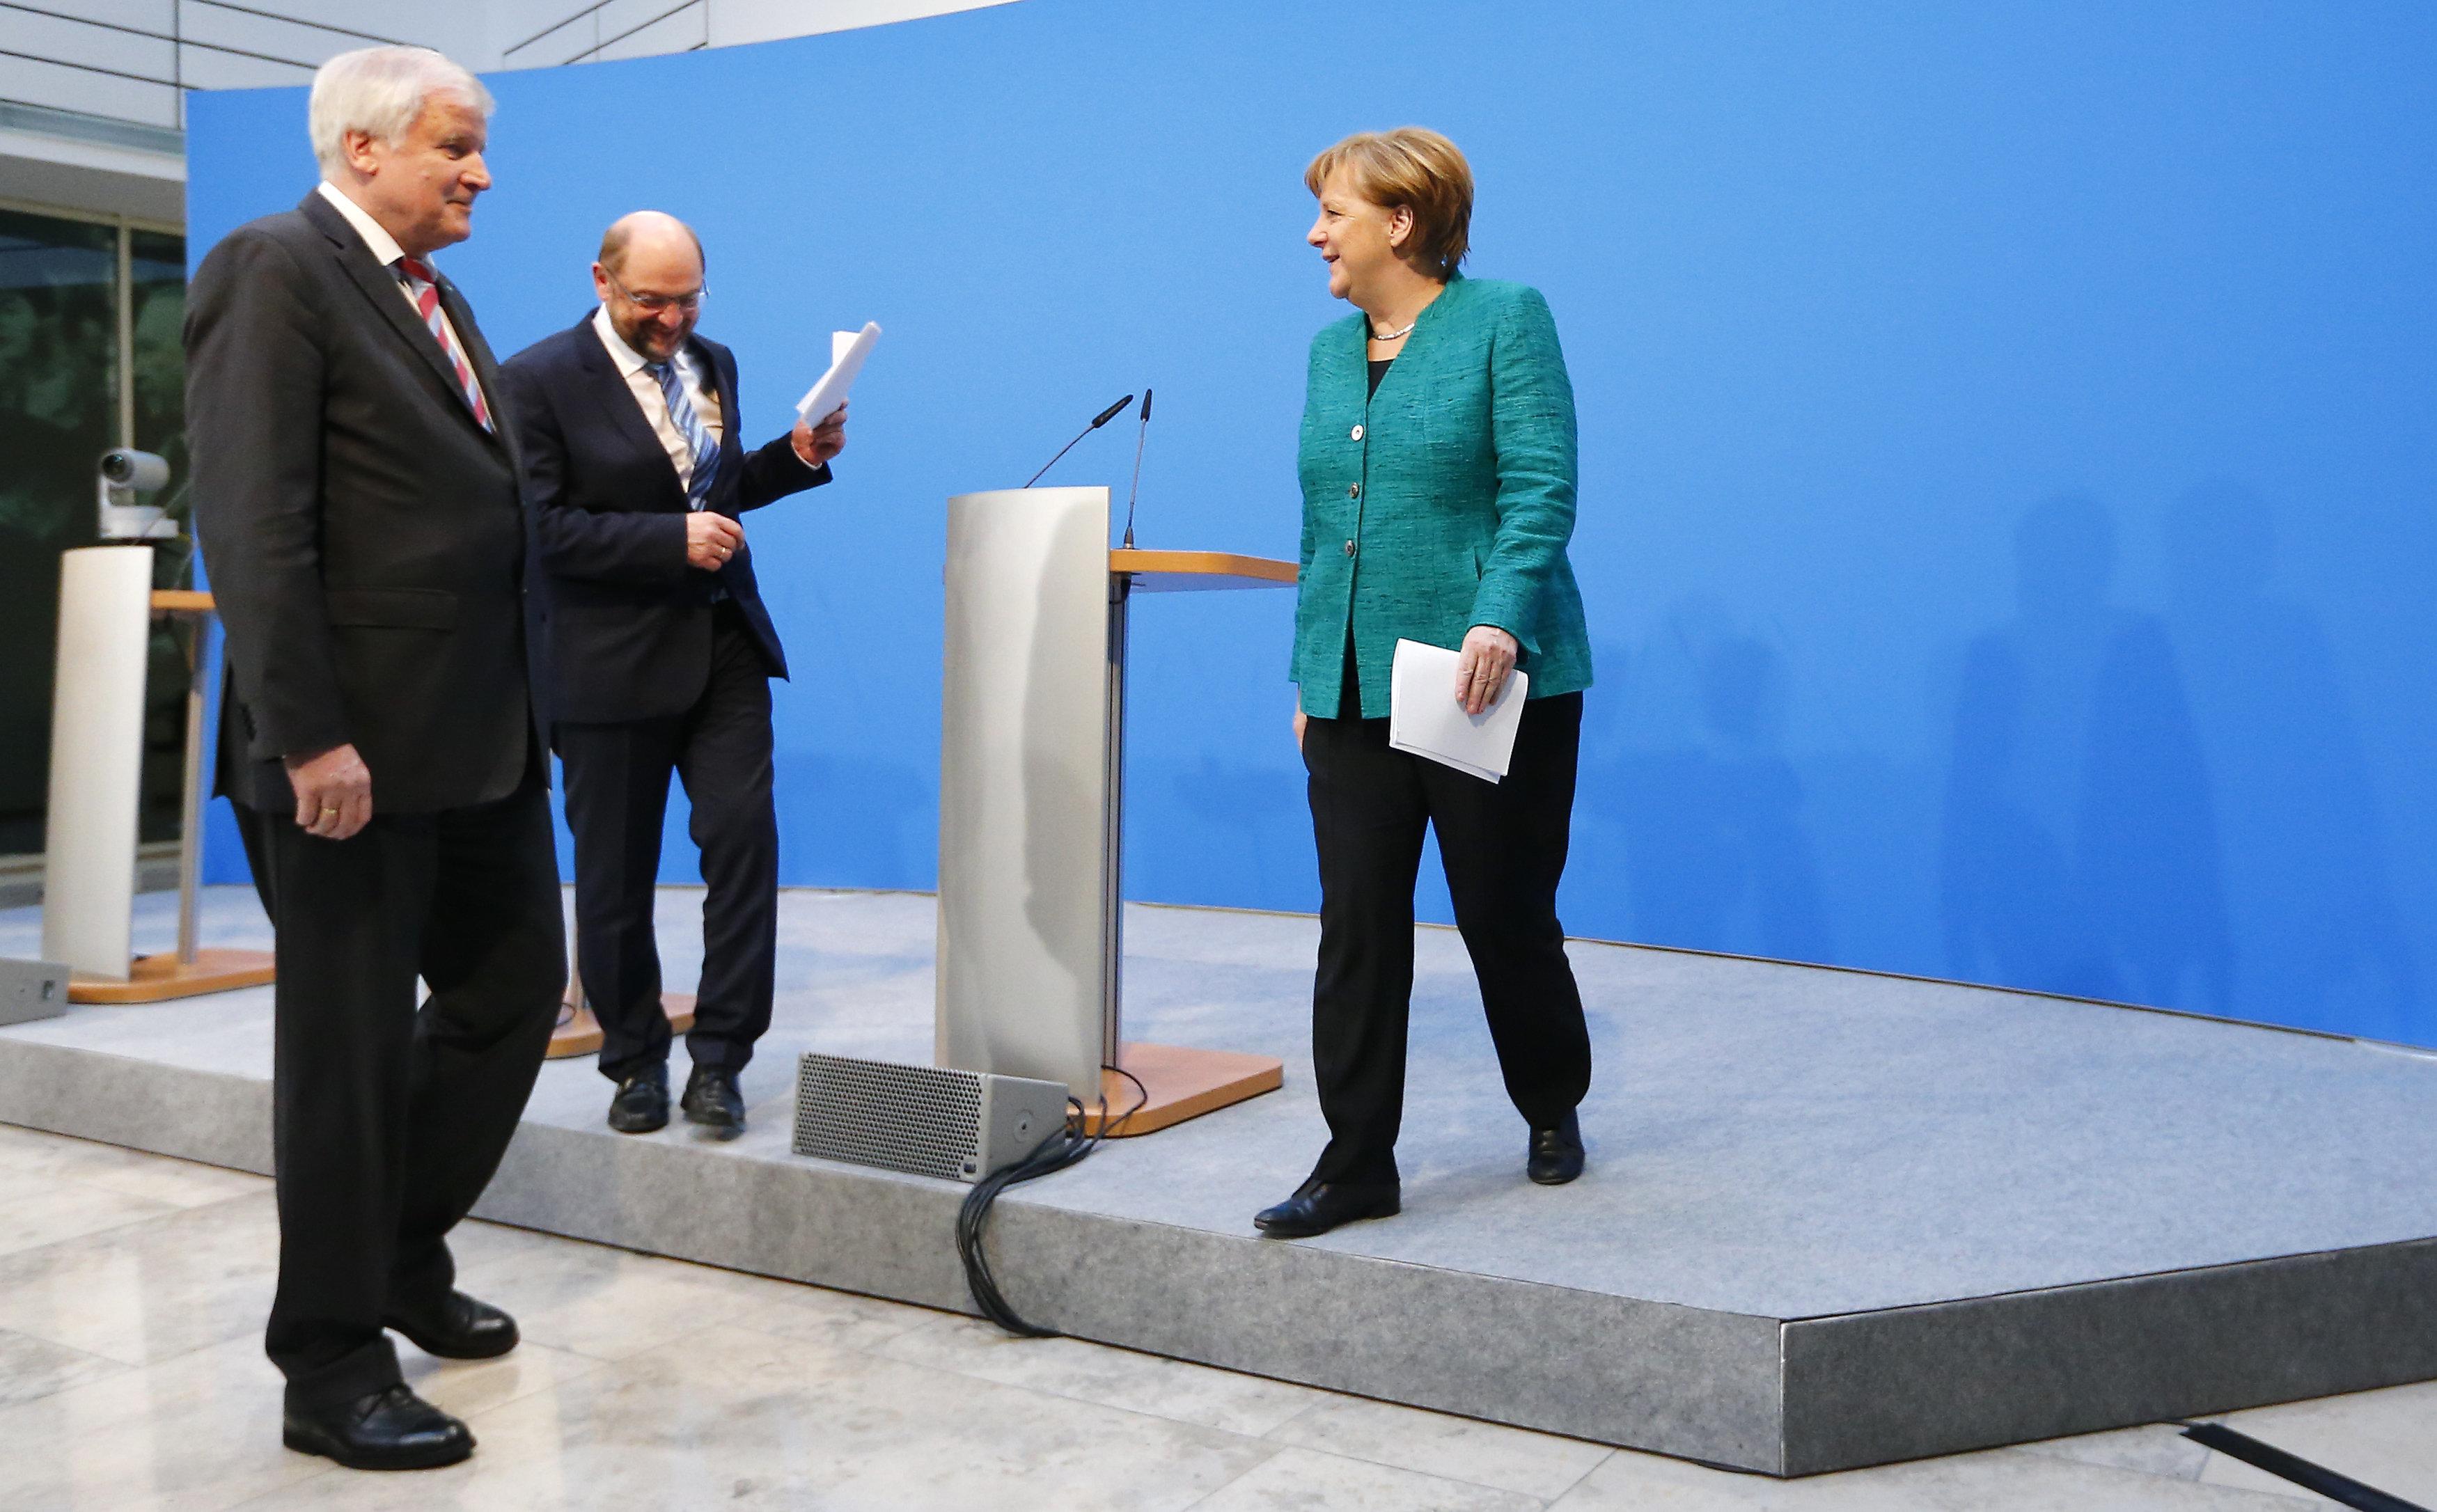 Γερμανία: Αναταραχή στο SPD παρά την απόφαση του Μ. Σουλτς να μην διεκδικήσει το